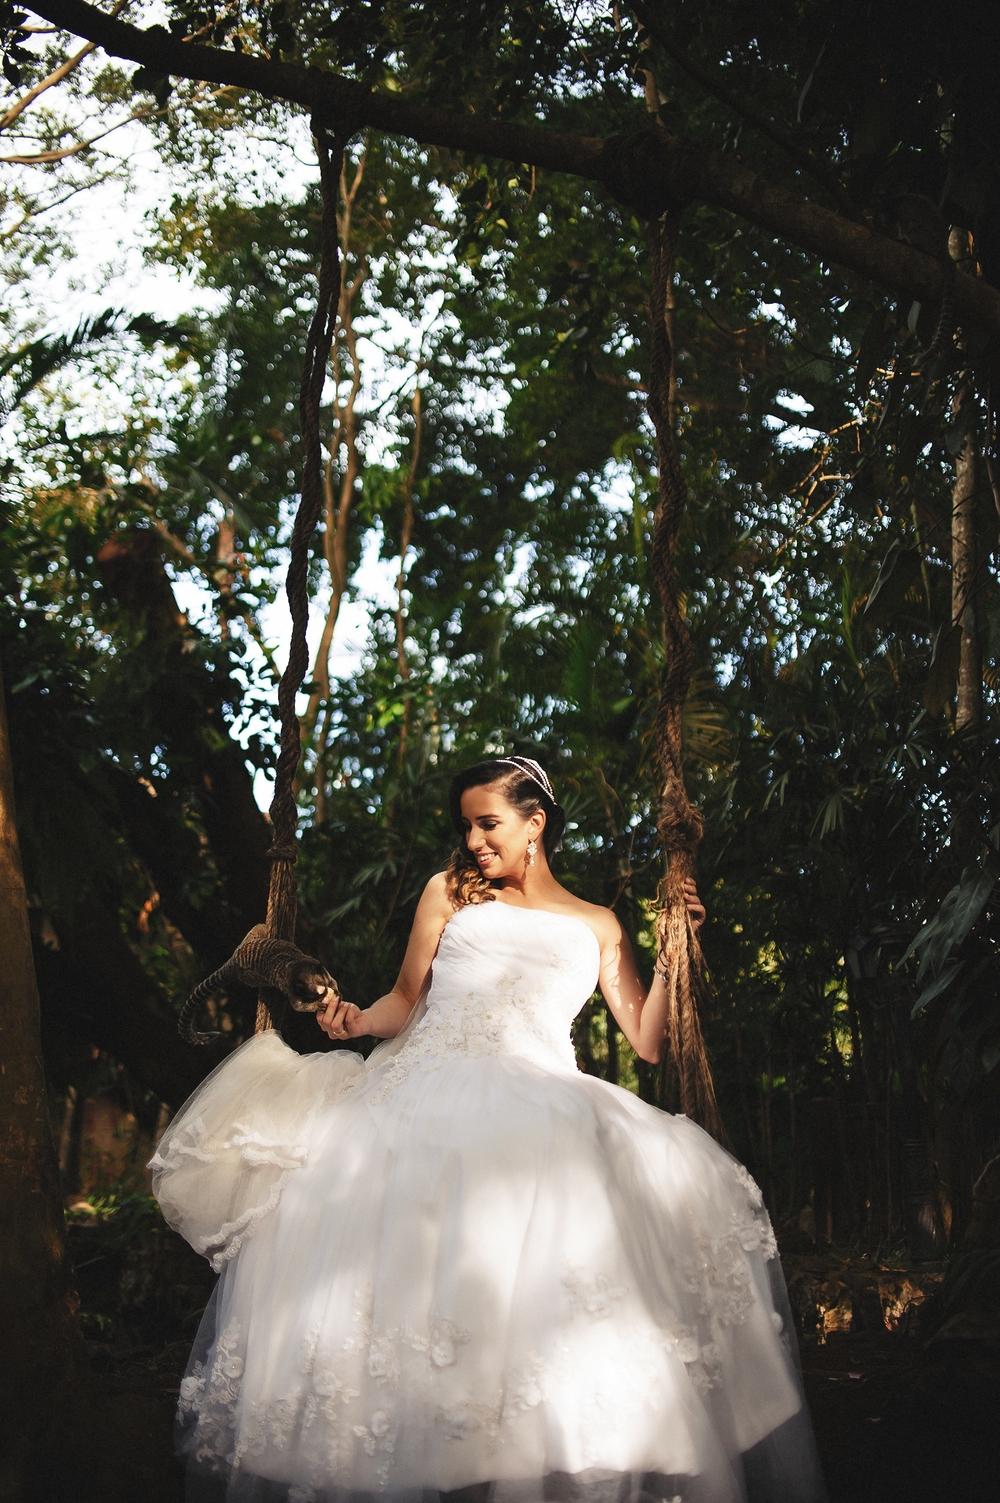 Sessao noiva-170-filme.jpg